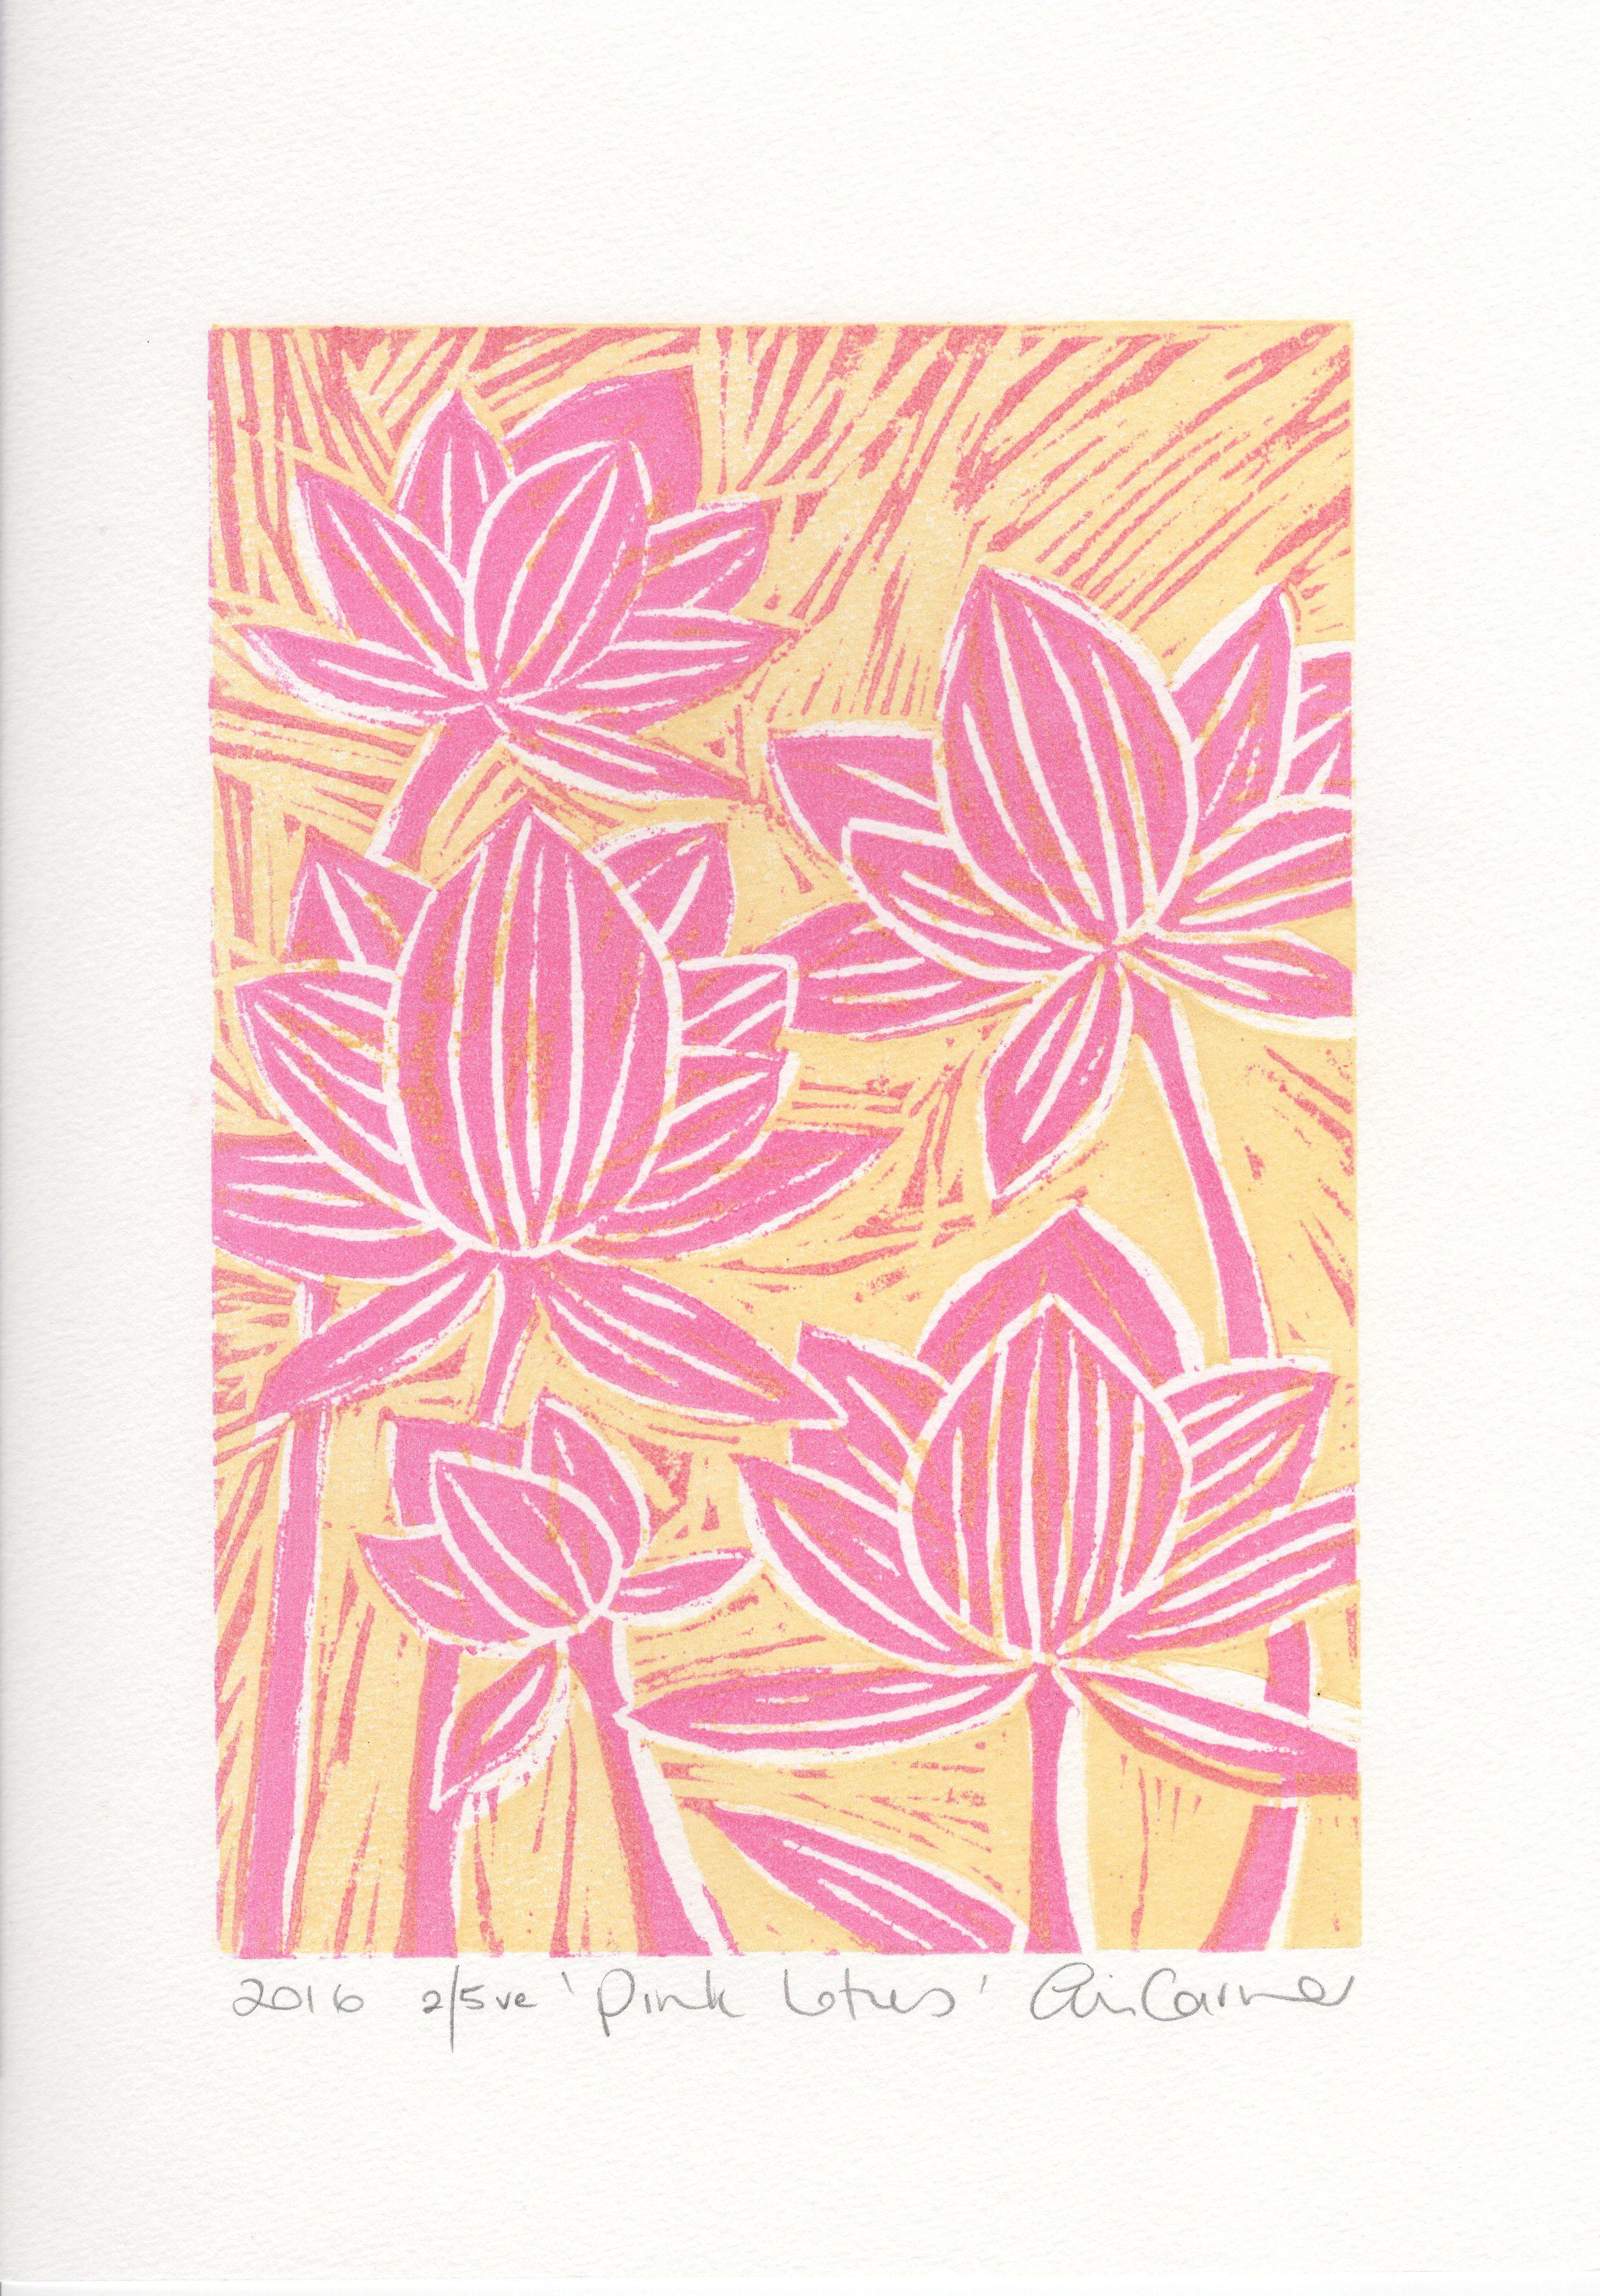 Pink lotus 1-5